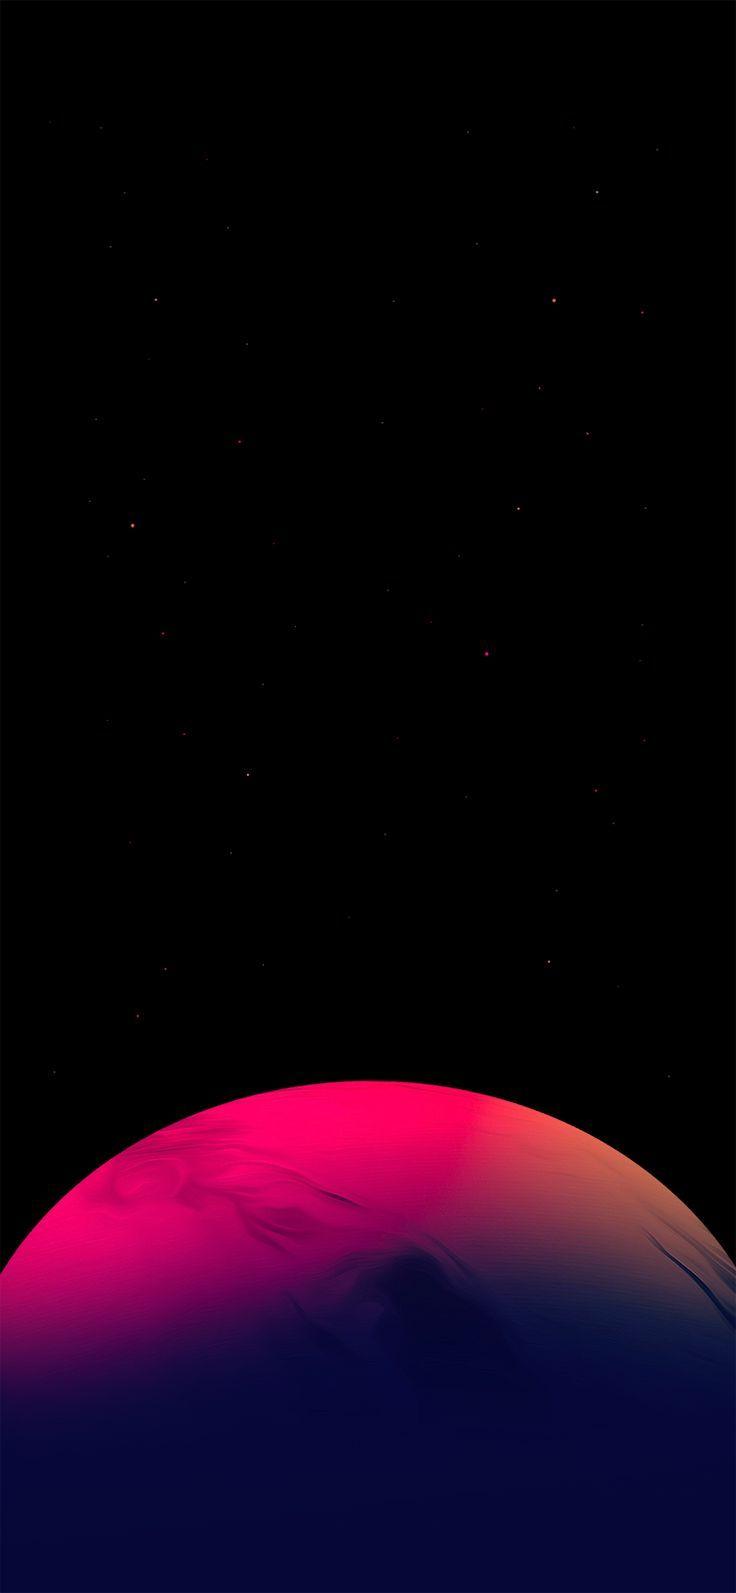 Iphone Xr Wallpaper 4k Black Mywallpapers Site Wallpaper Iphone Latar Belakang Seni Gelap